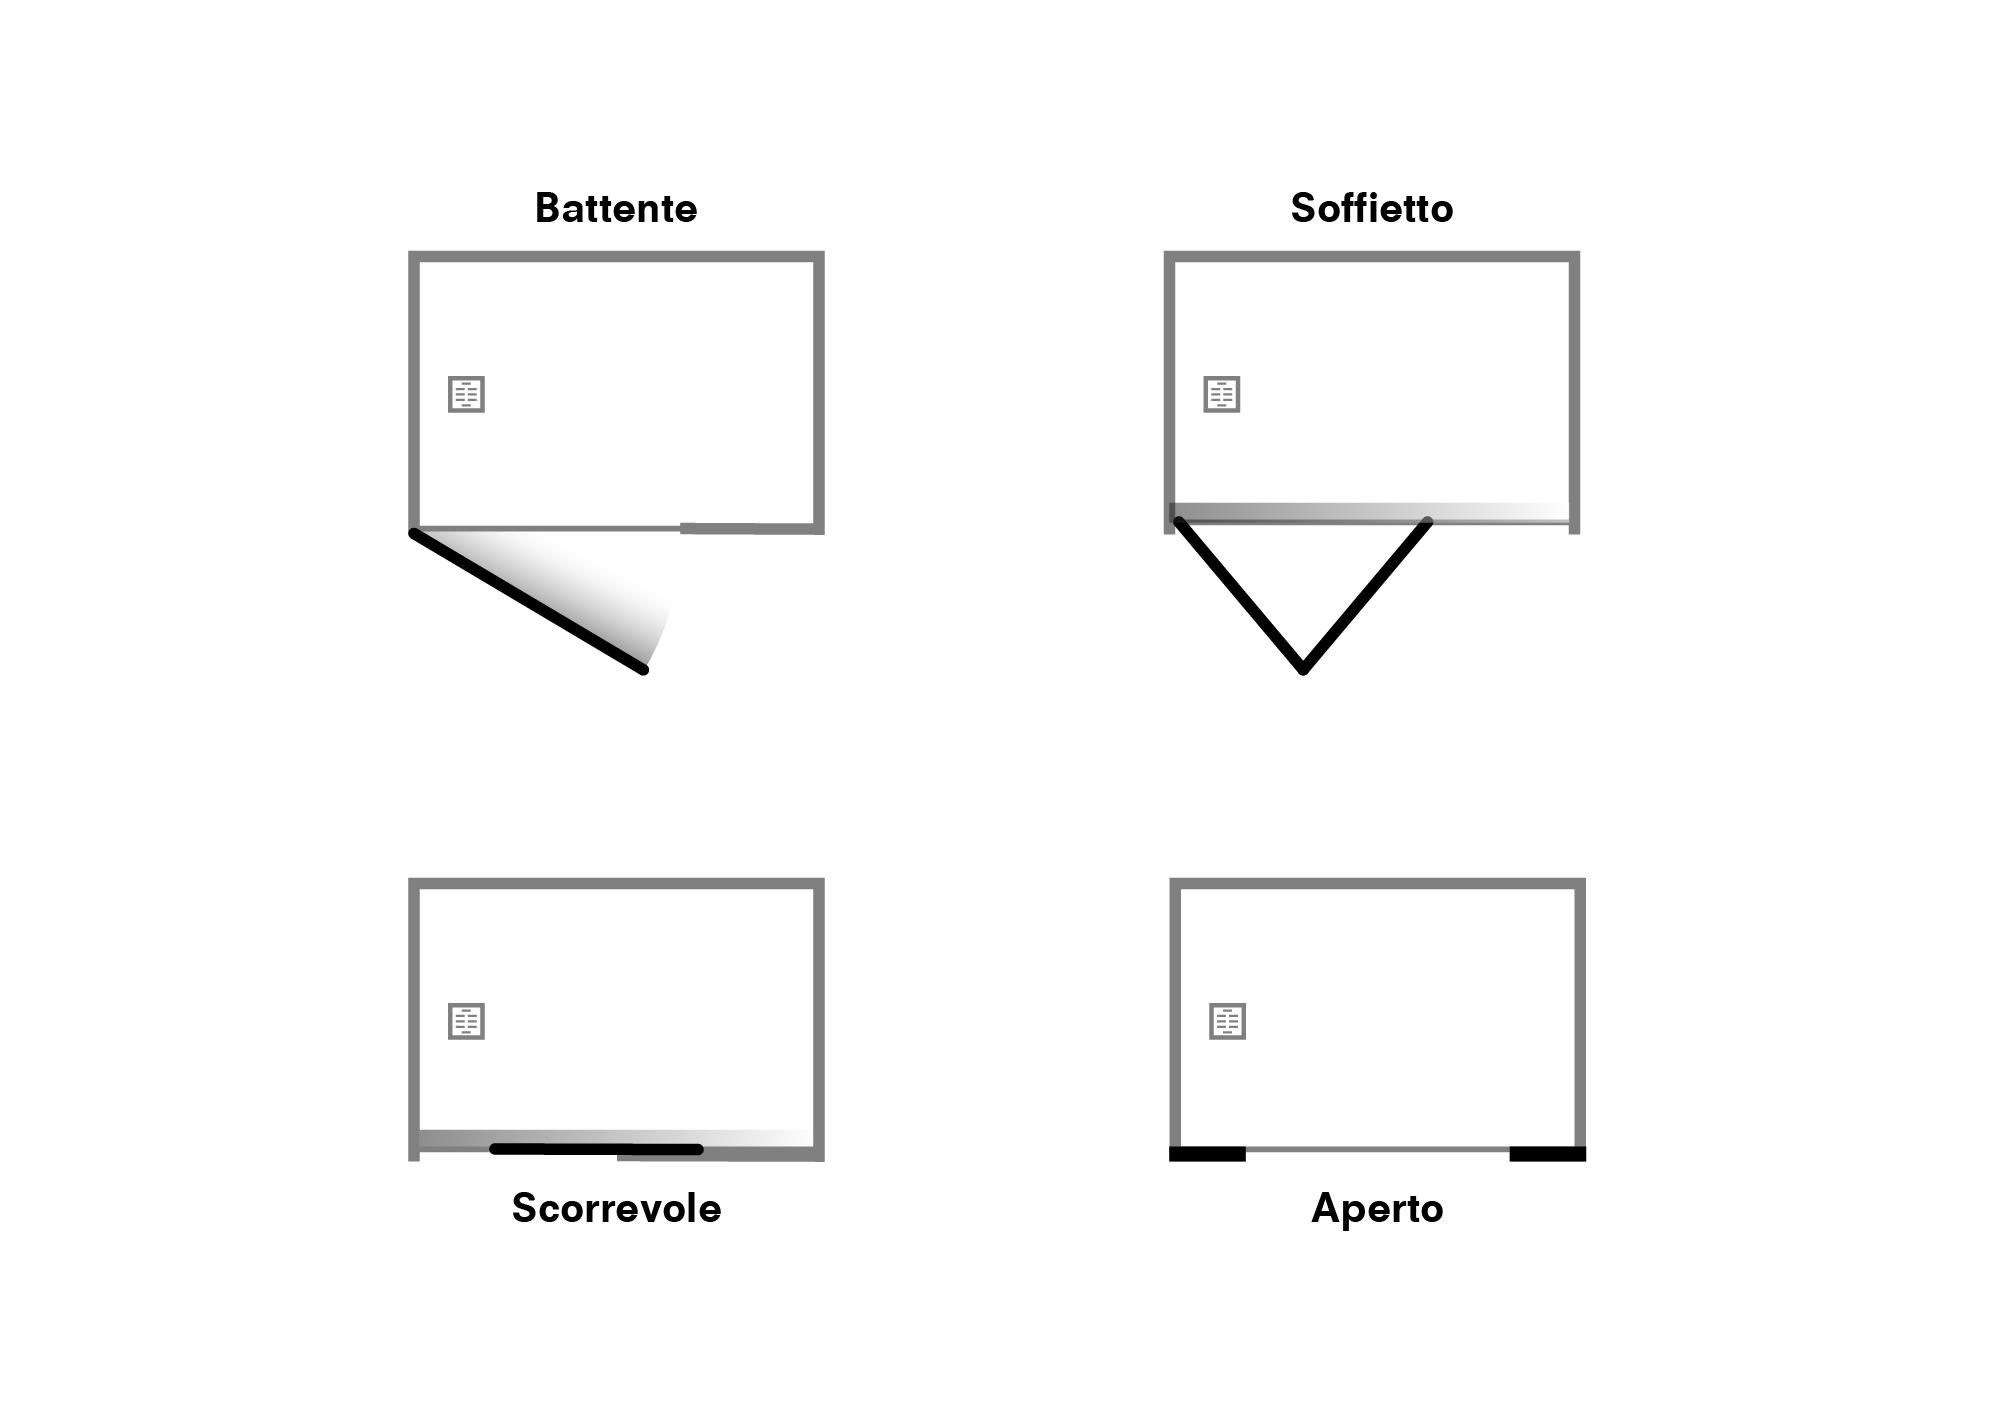 Piatto Doccia Misure Minime.Box Doccia Salvaspazio Piu Adatti Per Bagni Piccoli Ideagroup Blog